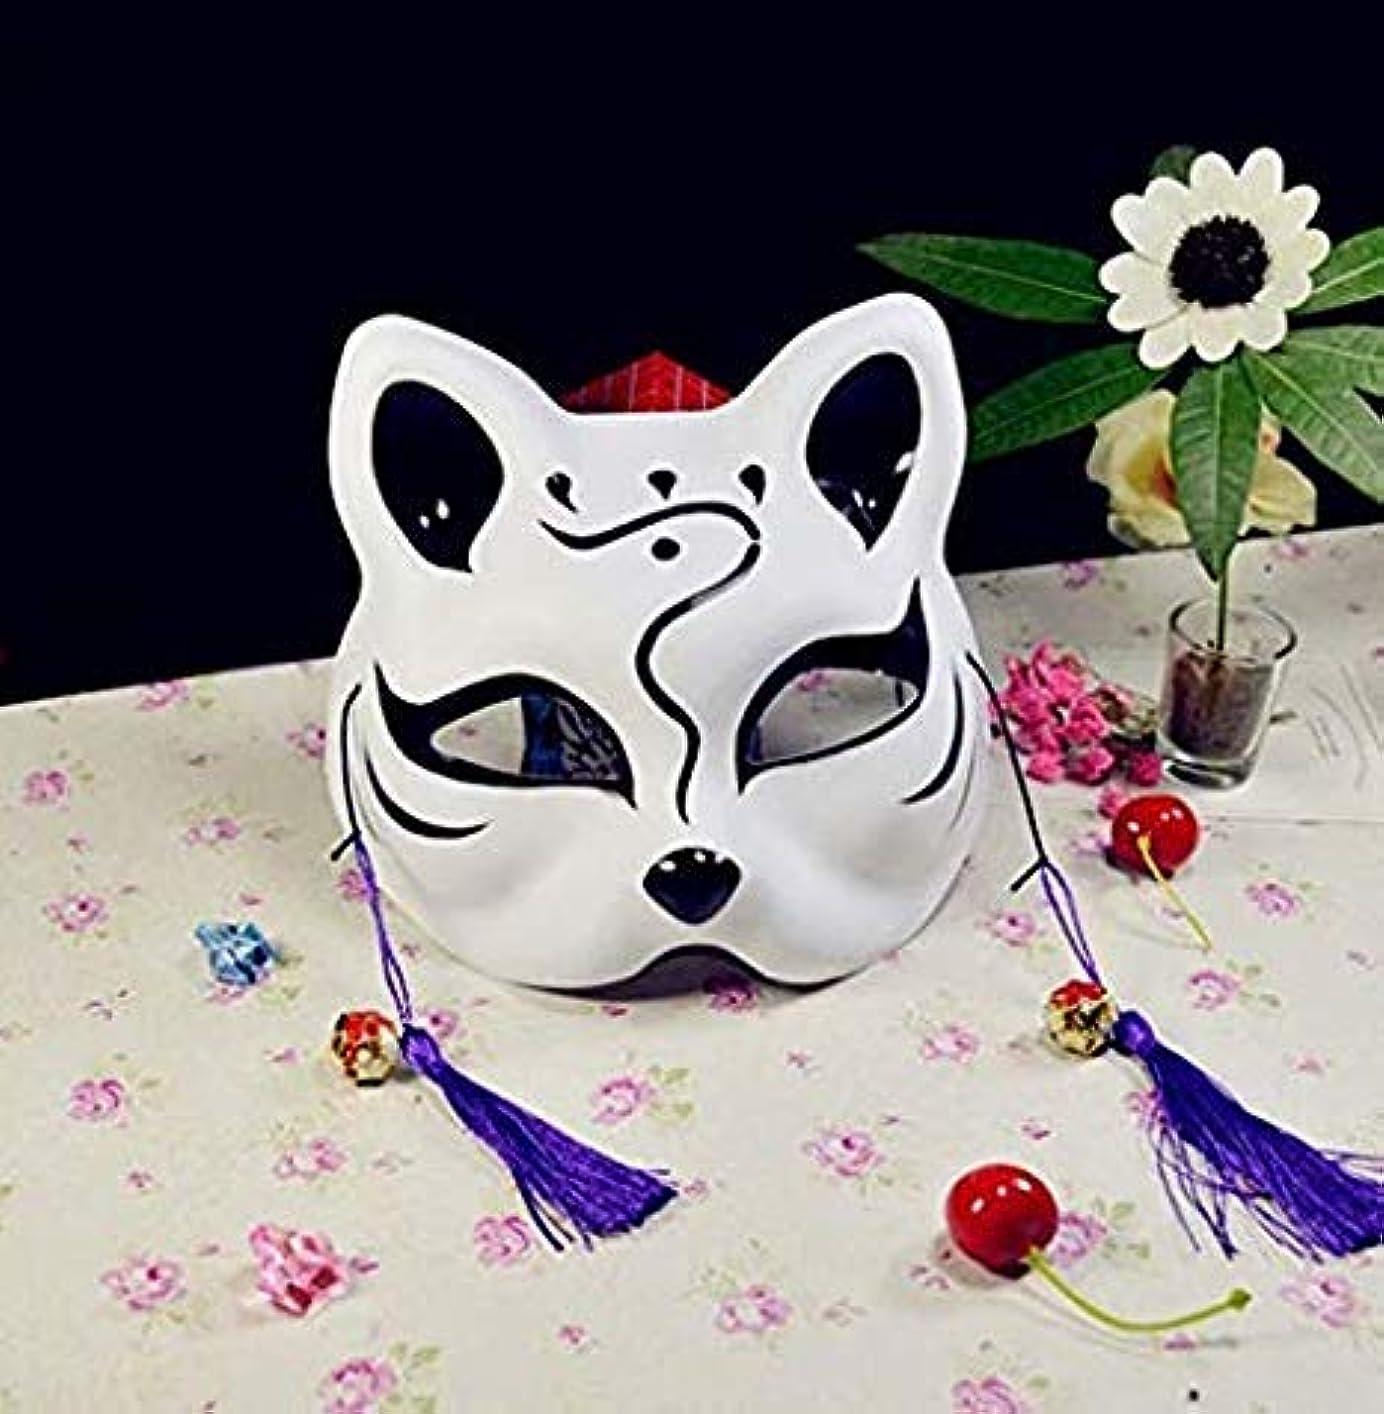 怒る新鮮なたくさんDoyime 狐面 お面 仮面 狐 半面 コスプレ猫仮面 猫マスク文化祭 学園祭 夏祭り仮面 舞踏会 手描きお面 ハロウィーンマスク